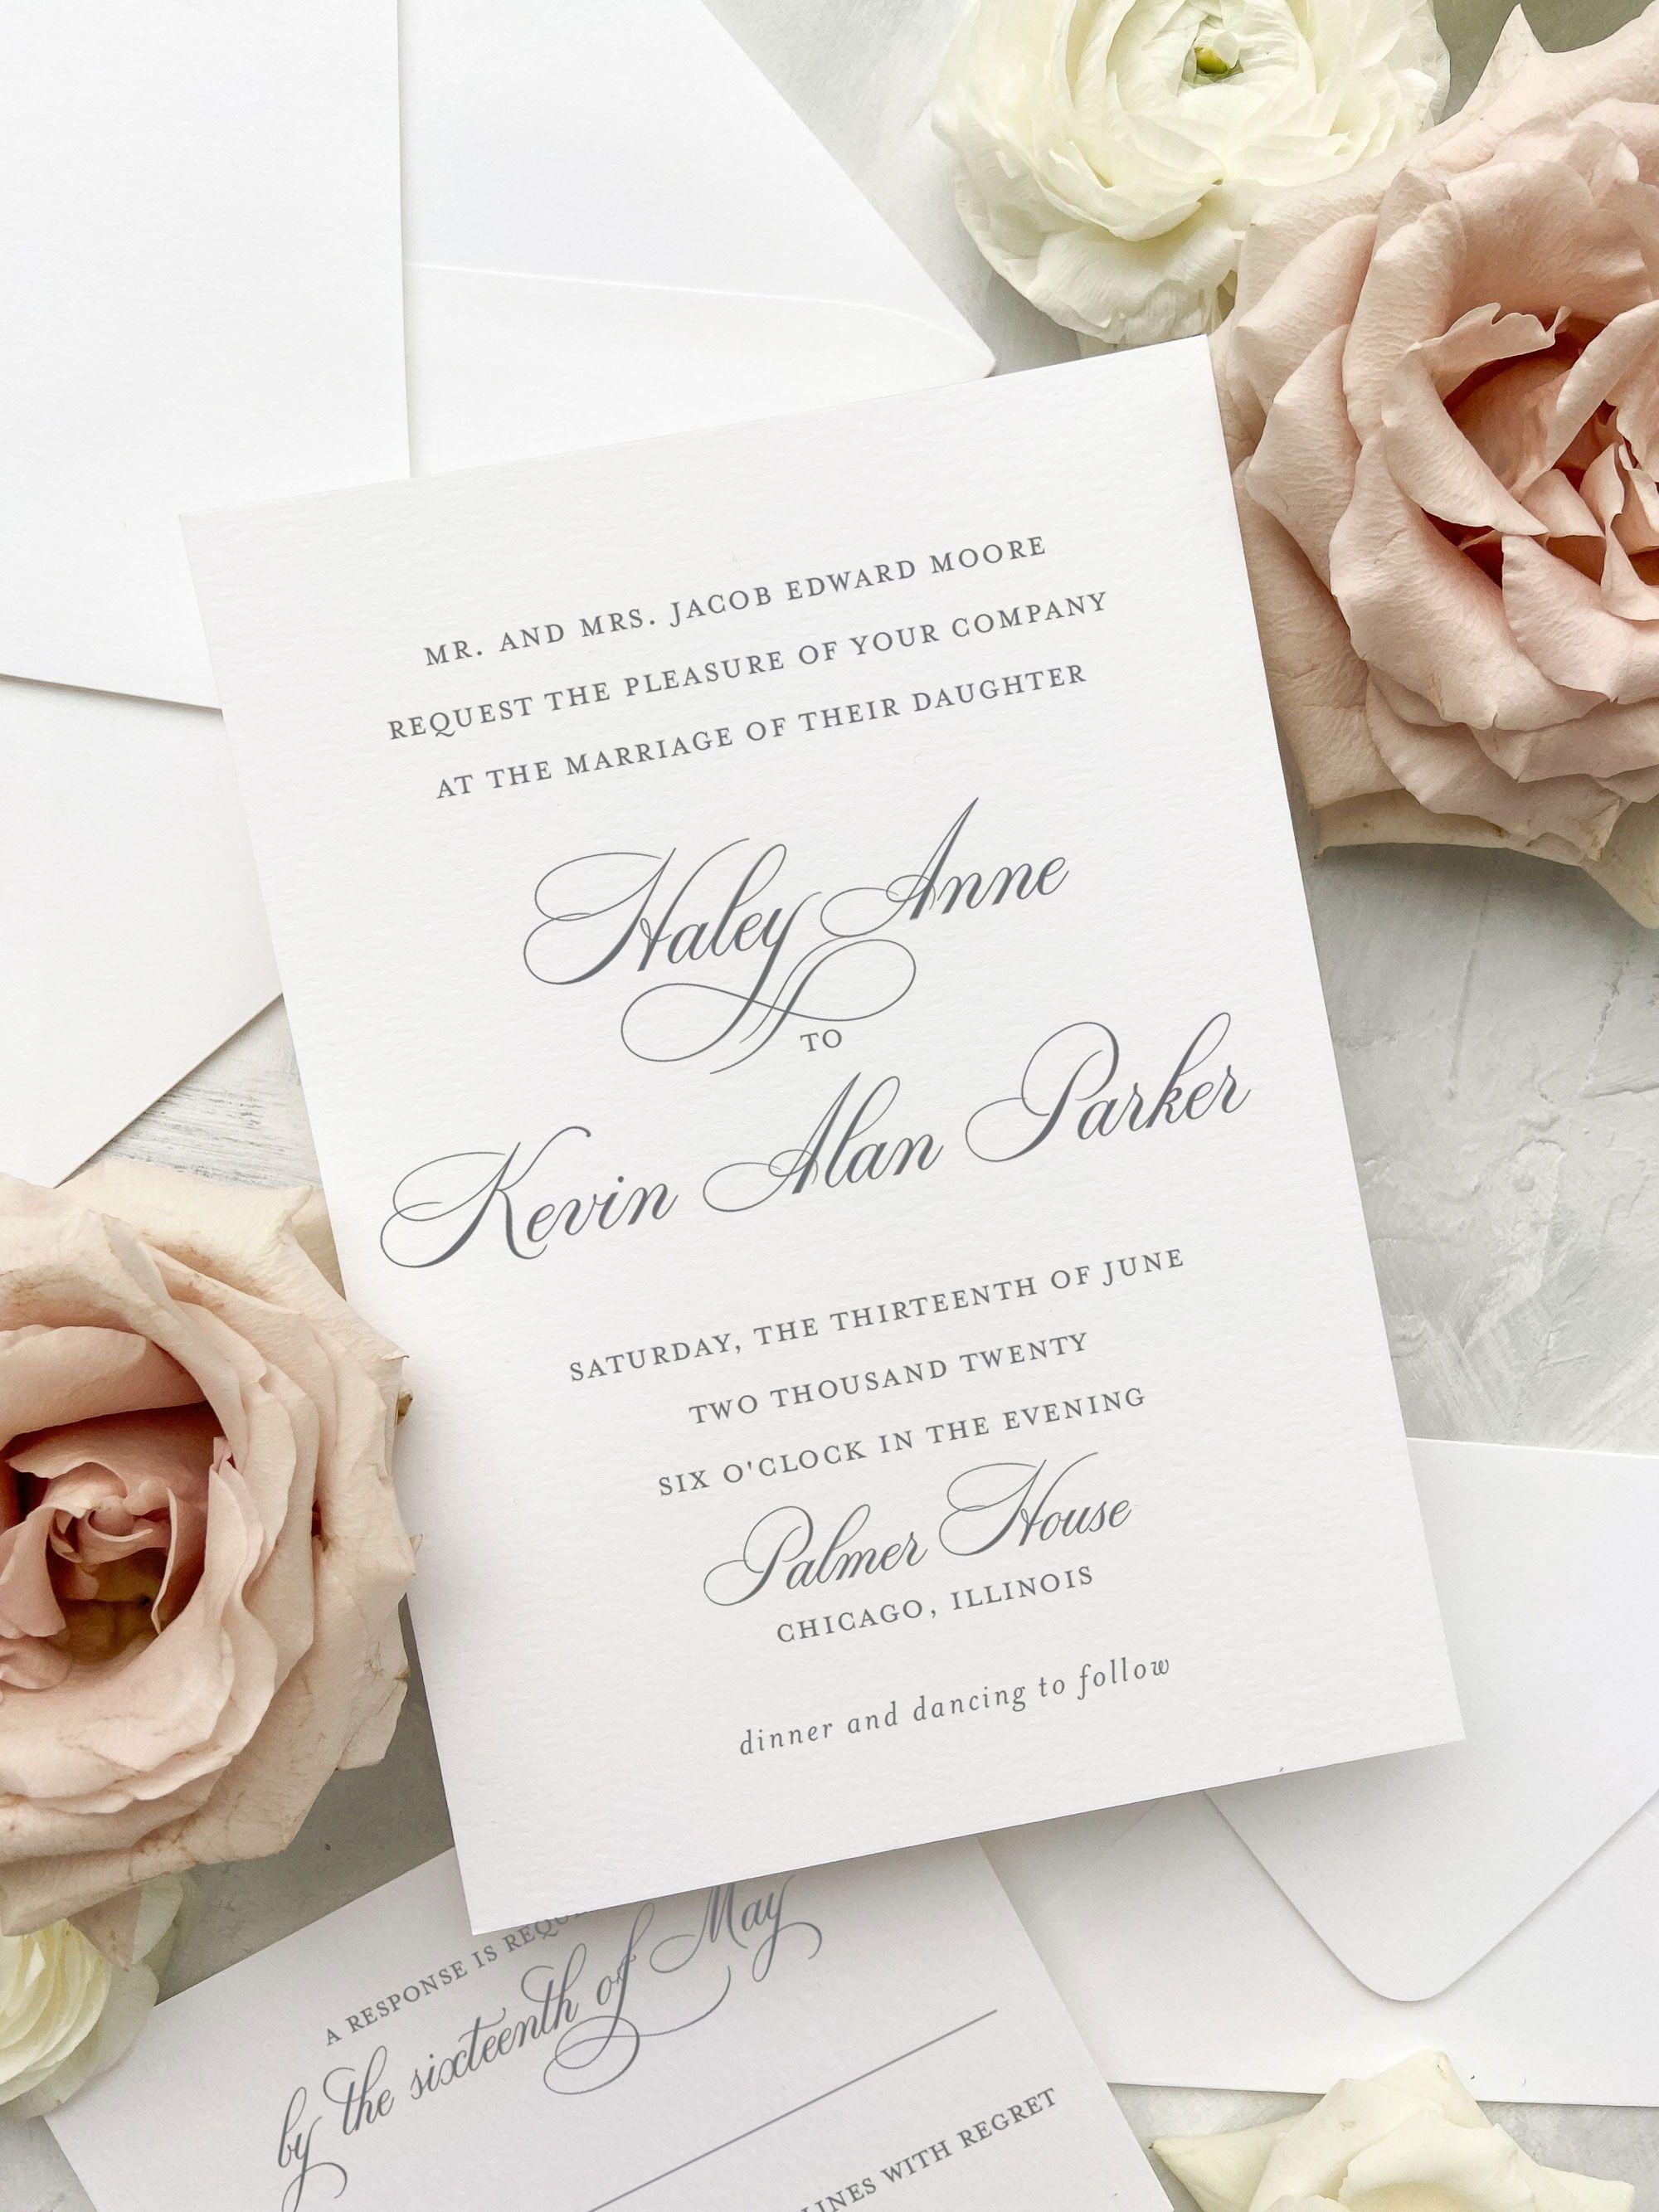 Royal Wedding Invitation In 2020 Fancy Wedding Invitations Custom Wedding Stationery Wedding Stationery